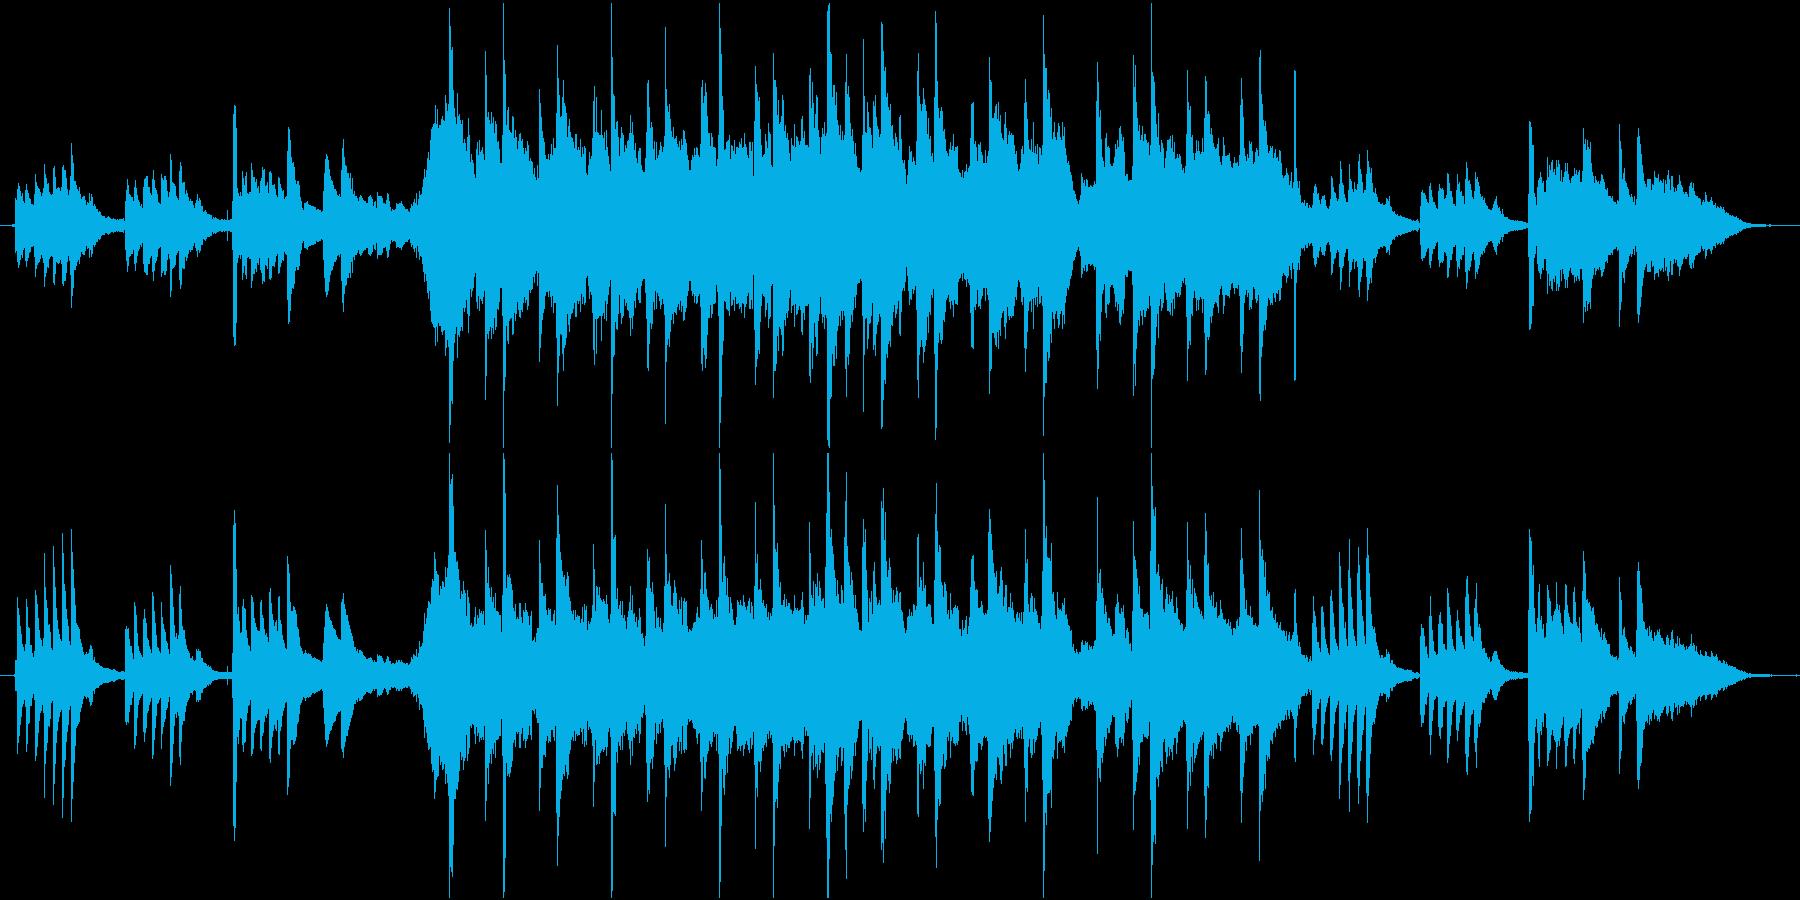 尺八とピアノがメインのバラードの再生済みの波形